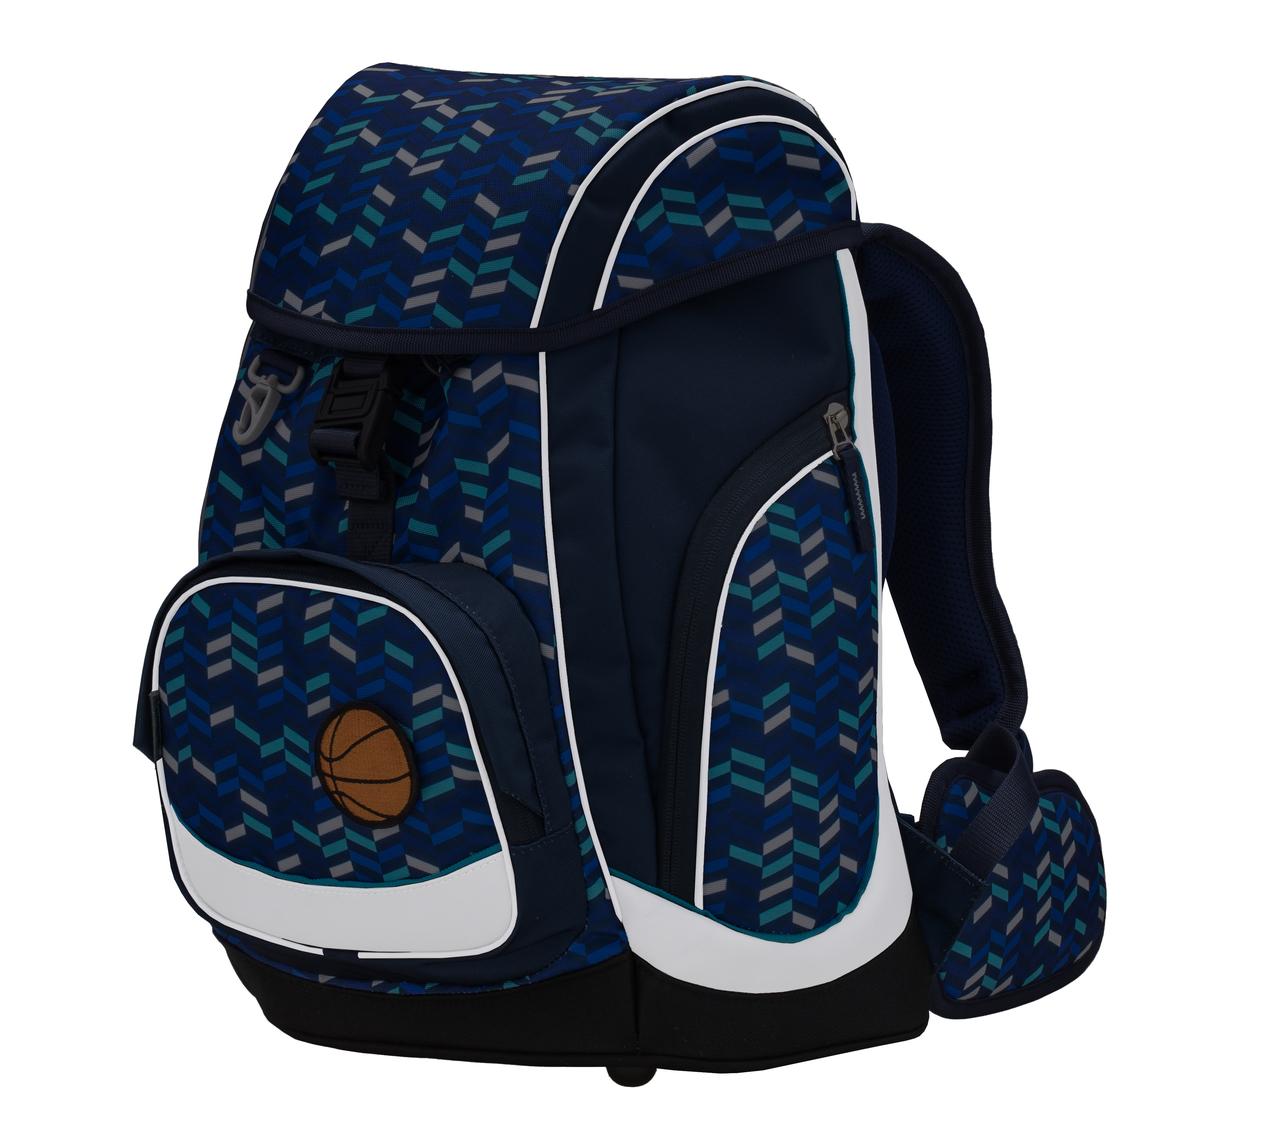 Ранец-рюкзак Belmil Comfy Pack 405-11/684 цвет Pop Art + дождевик, - фото 7